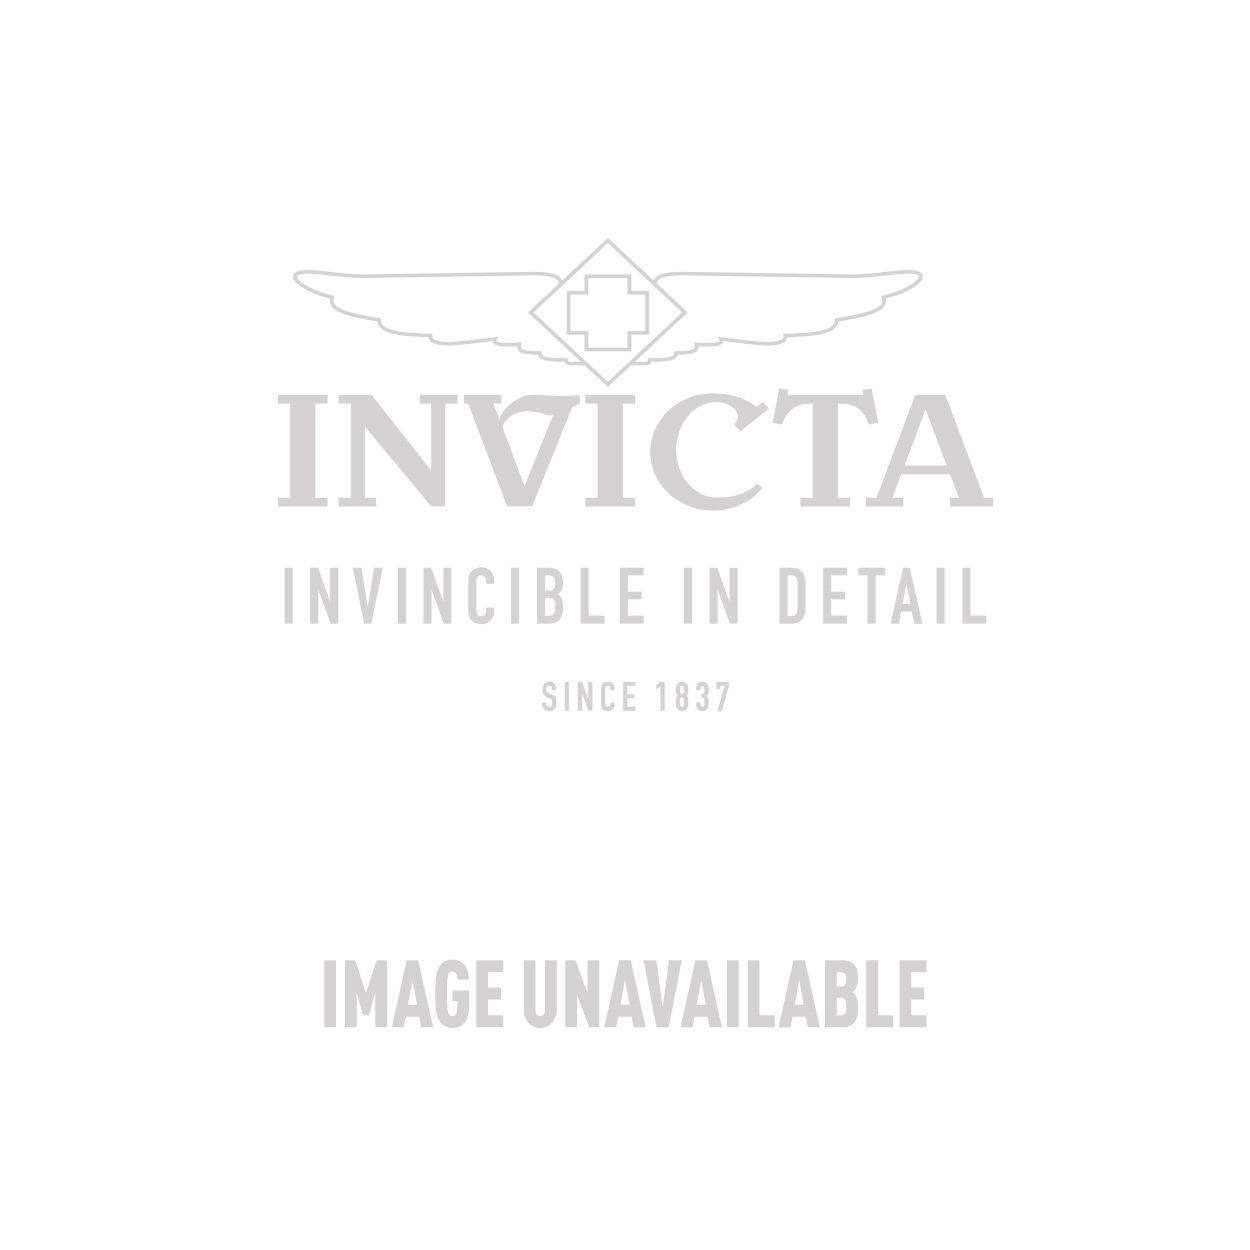 Invicta Model 28303